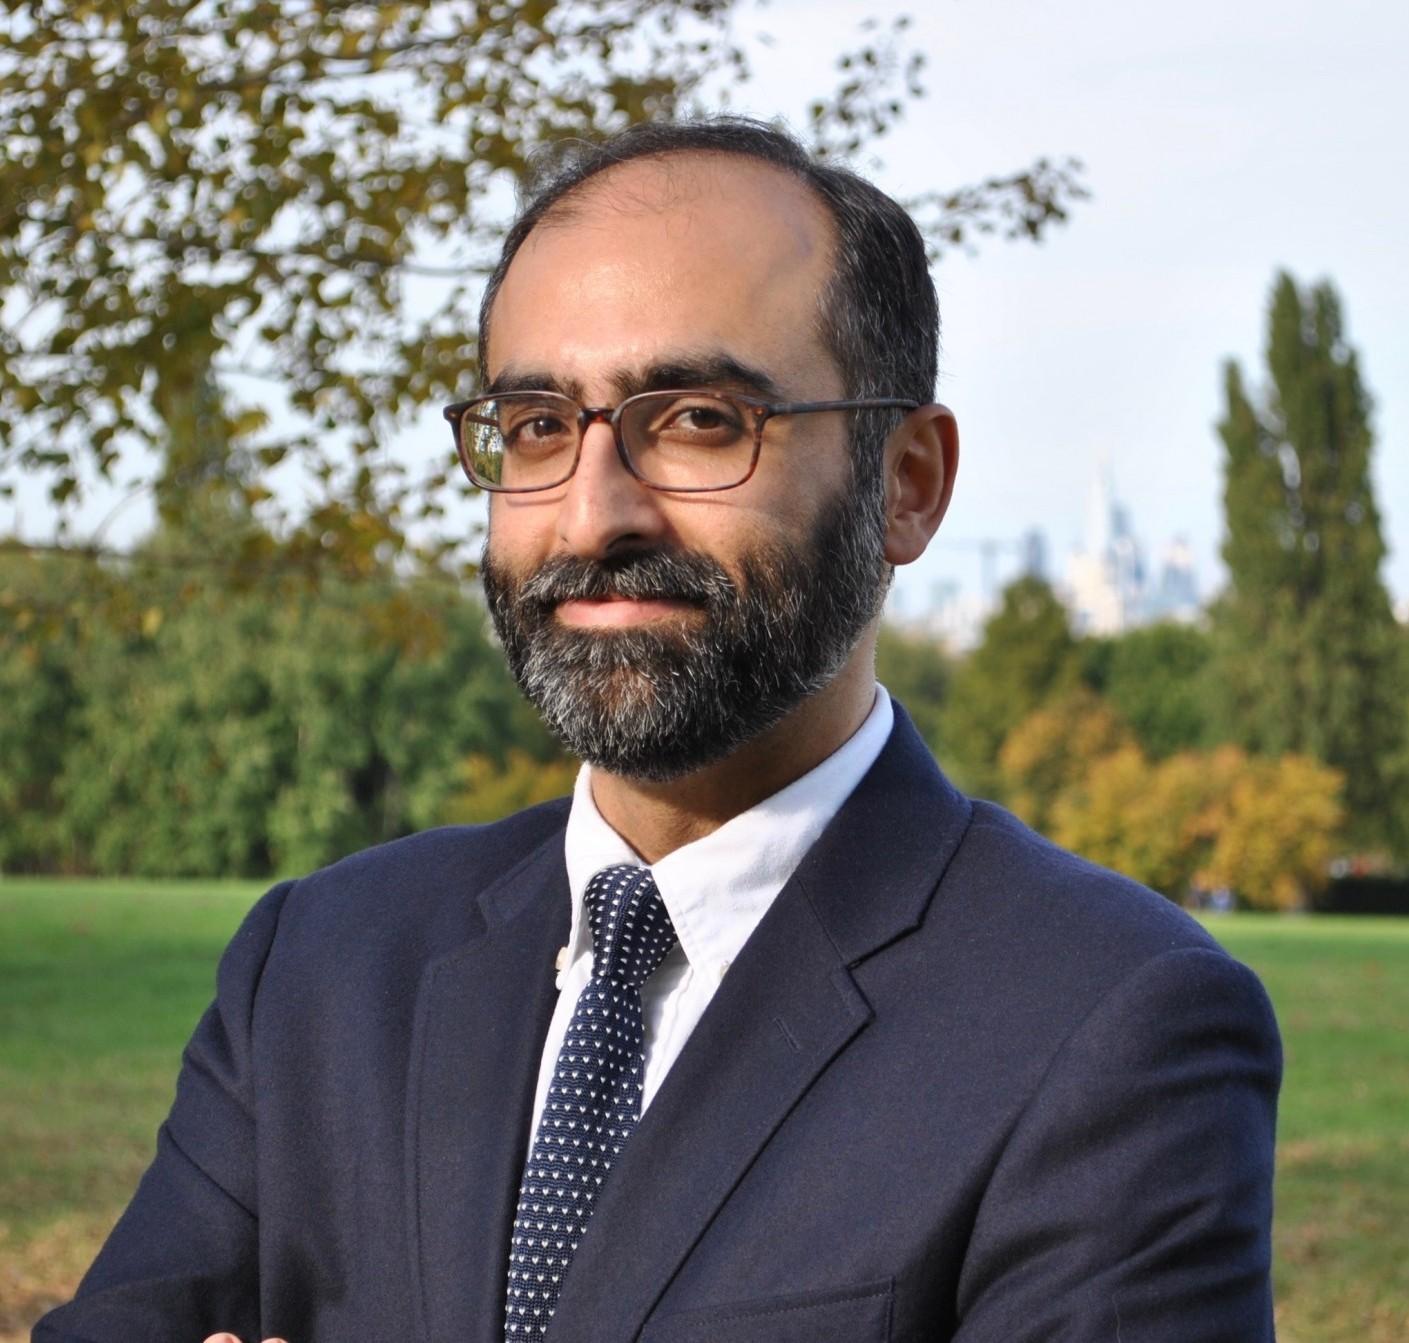 photo of Roham Alvandi